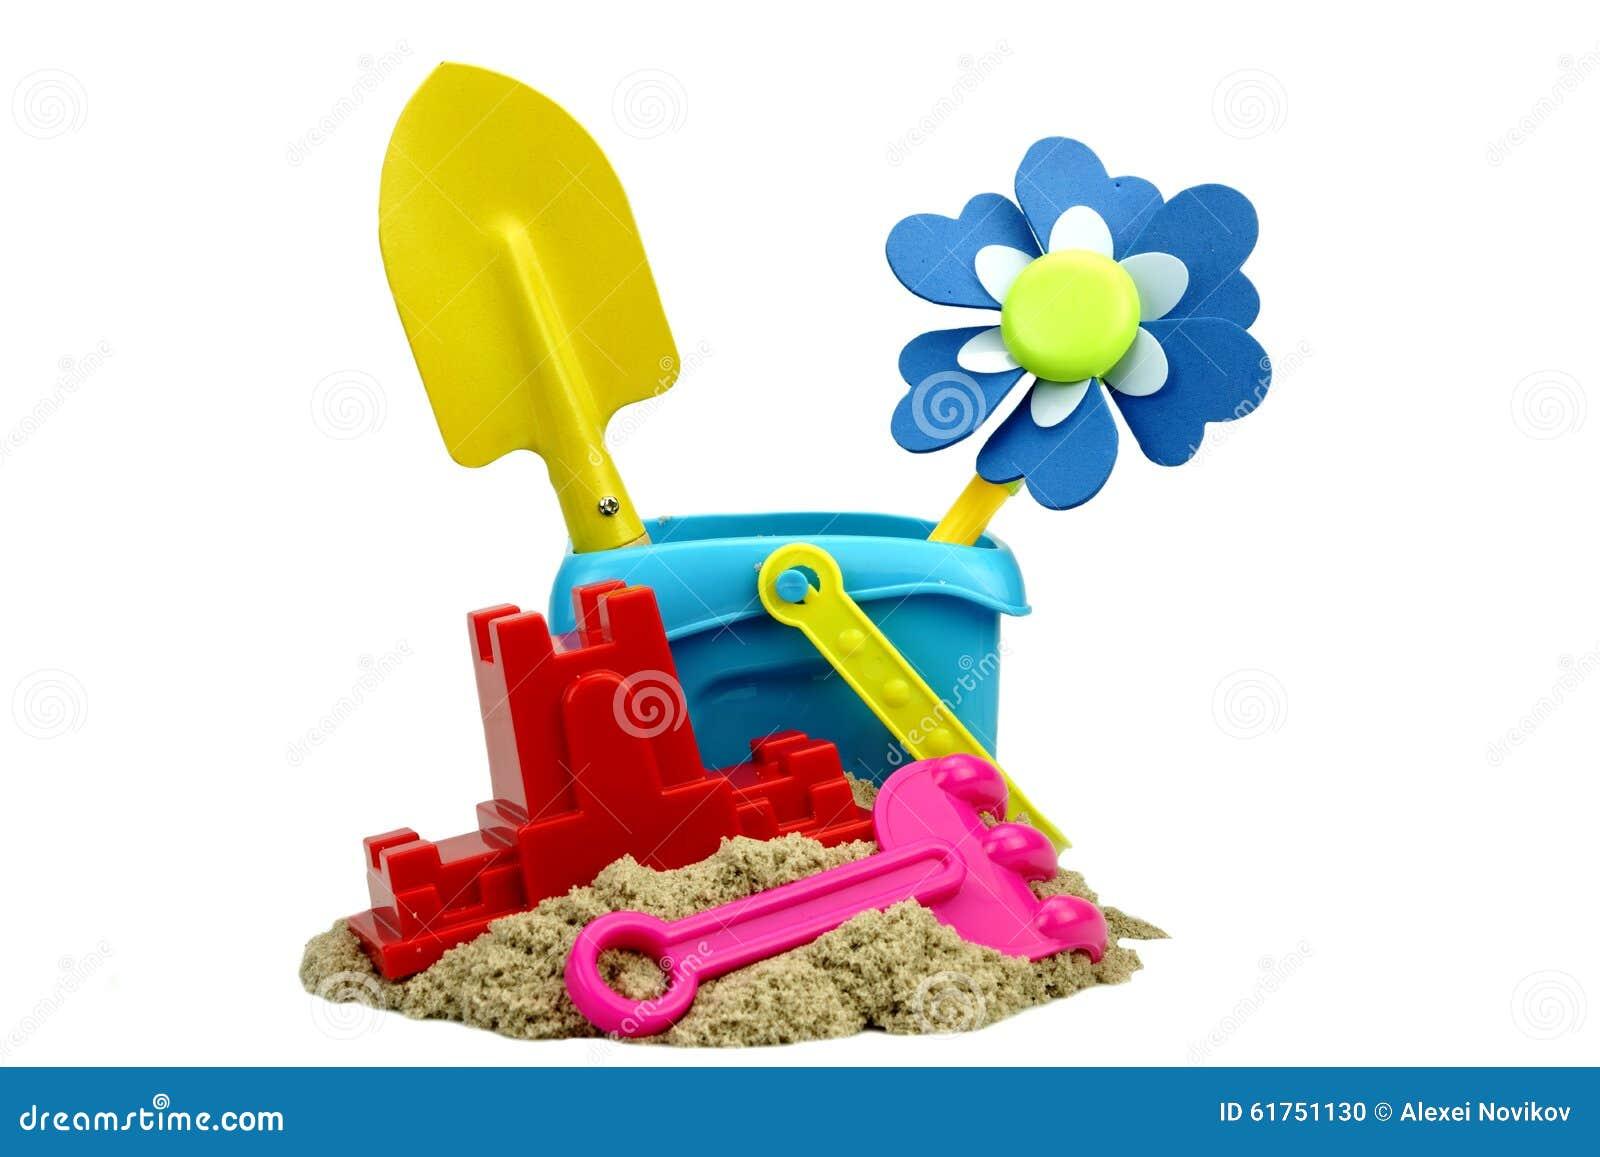 sable cin tique avec des jouets d 39 enfant pour le jeu d 39 int rieur de cr ativit d 39 enfants photo. Black Bedroom Furniture Sets. Home Design Ideas